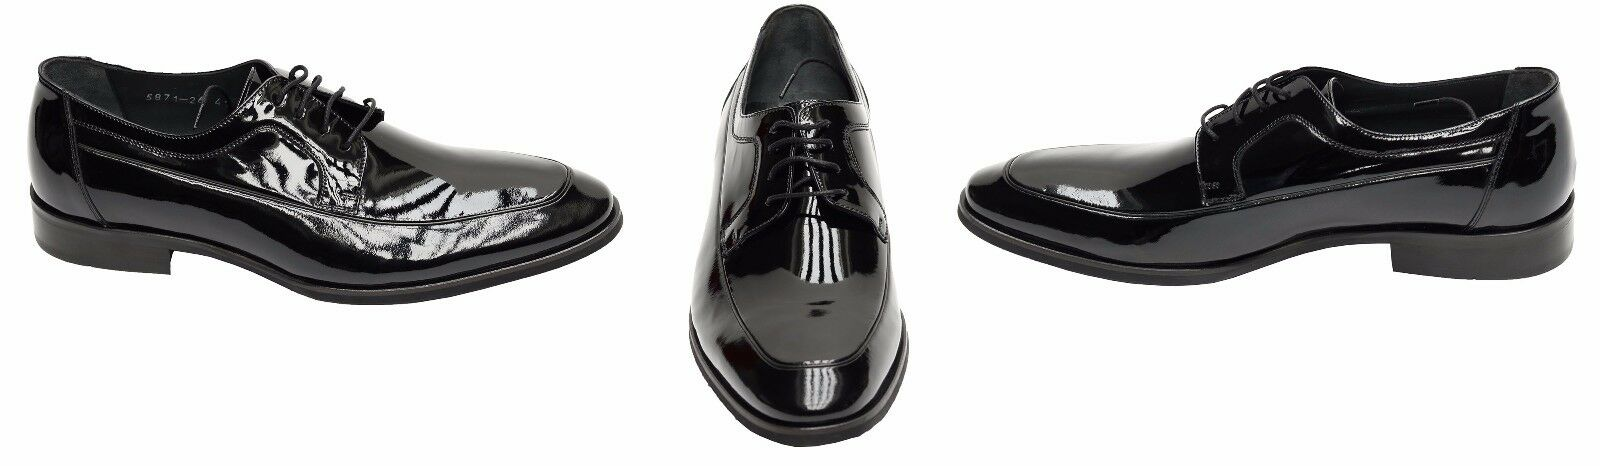 Echtleder Herren Lack Lack Herren Schuhe Gr.42 Schwarz e9ad92